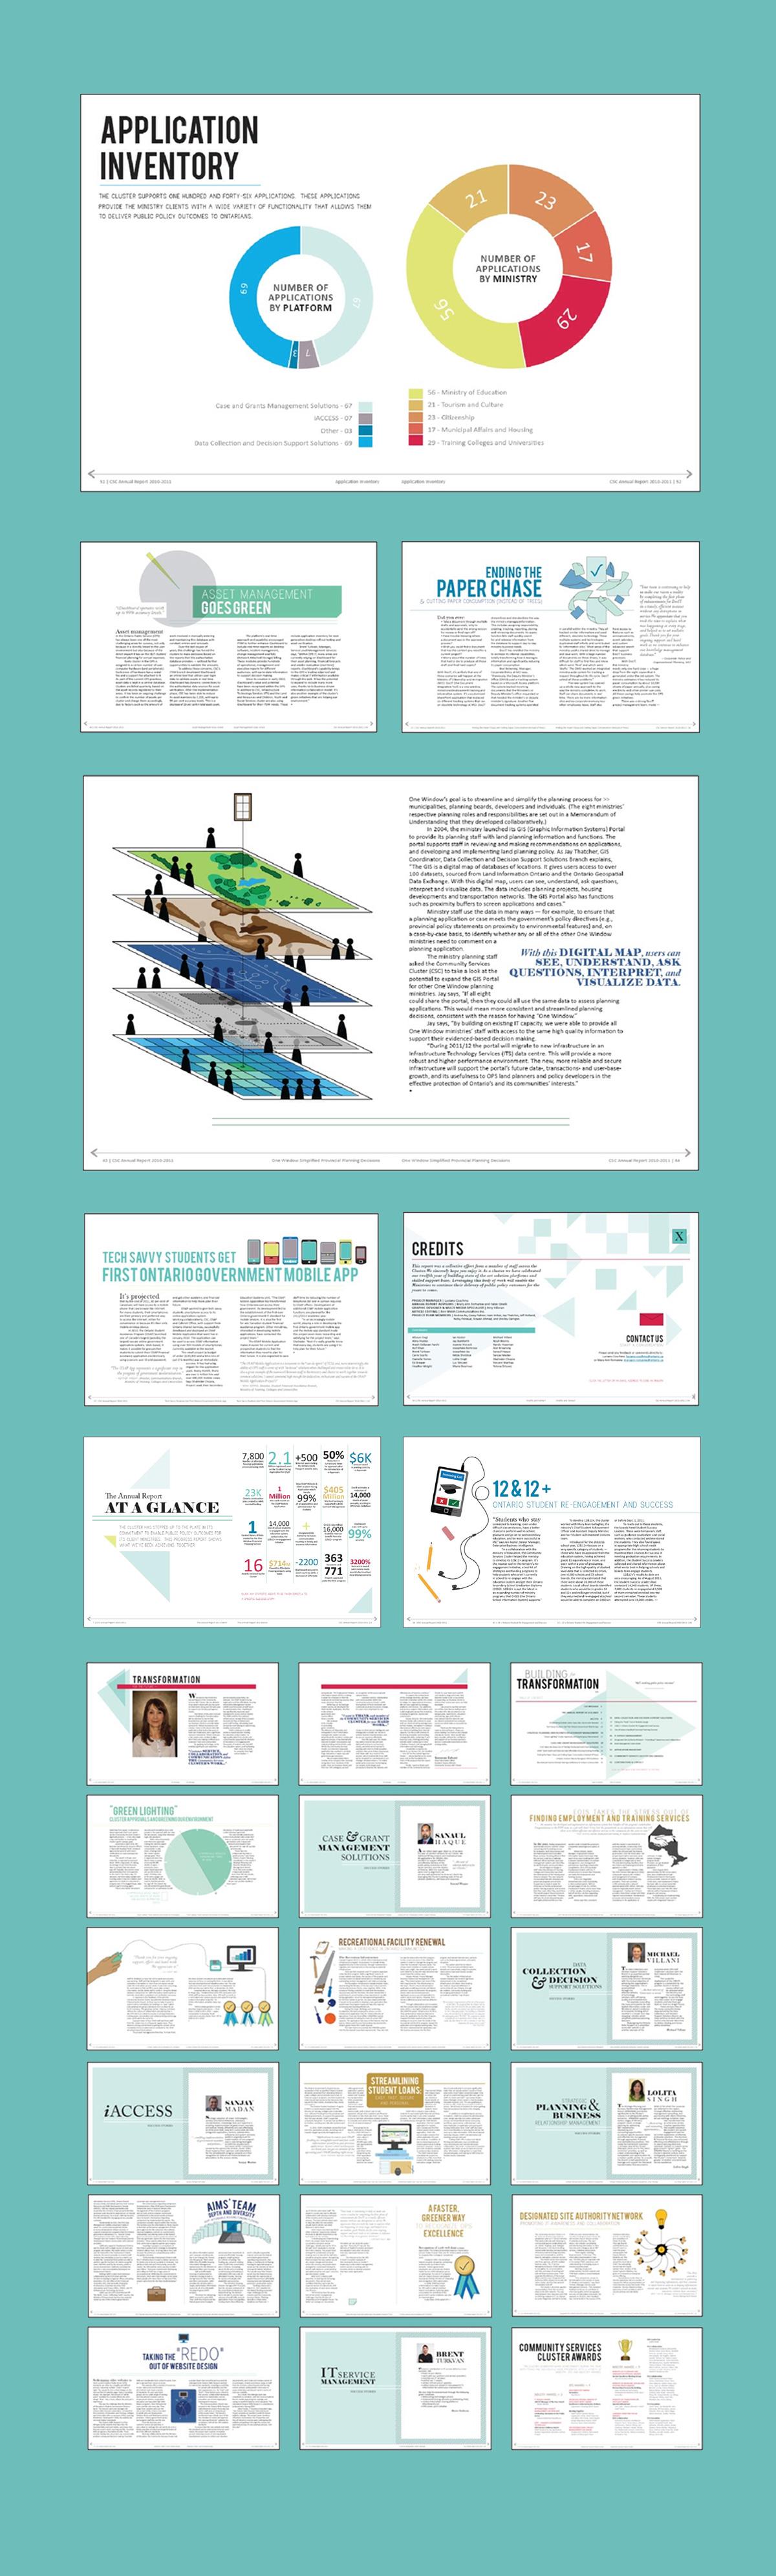 amy-killoran-graphic-design-and-creative-government